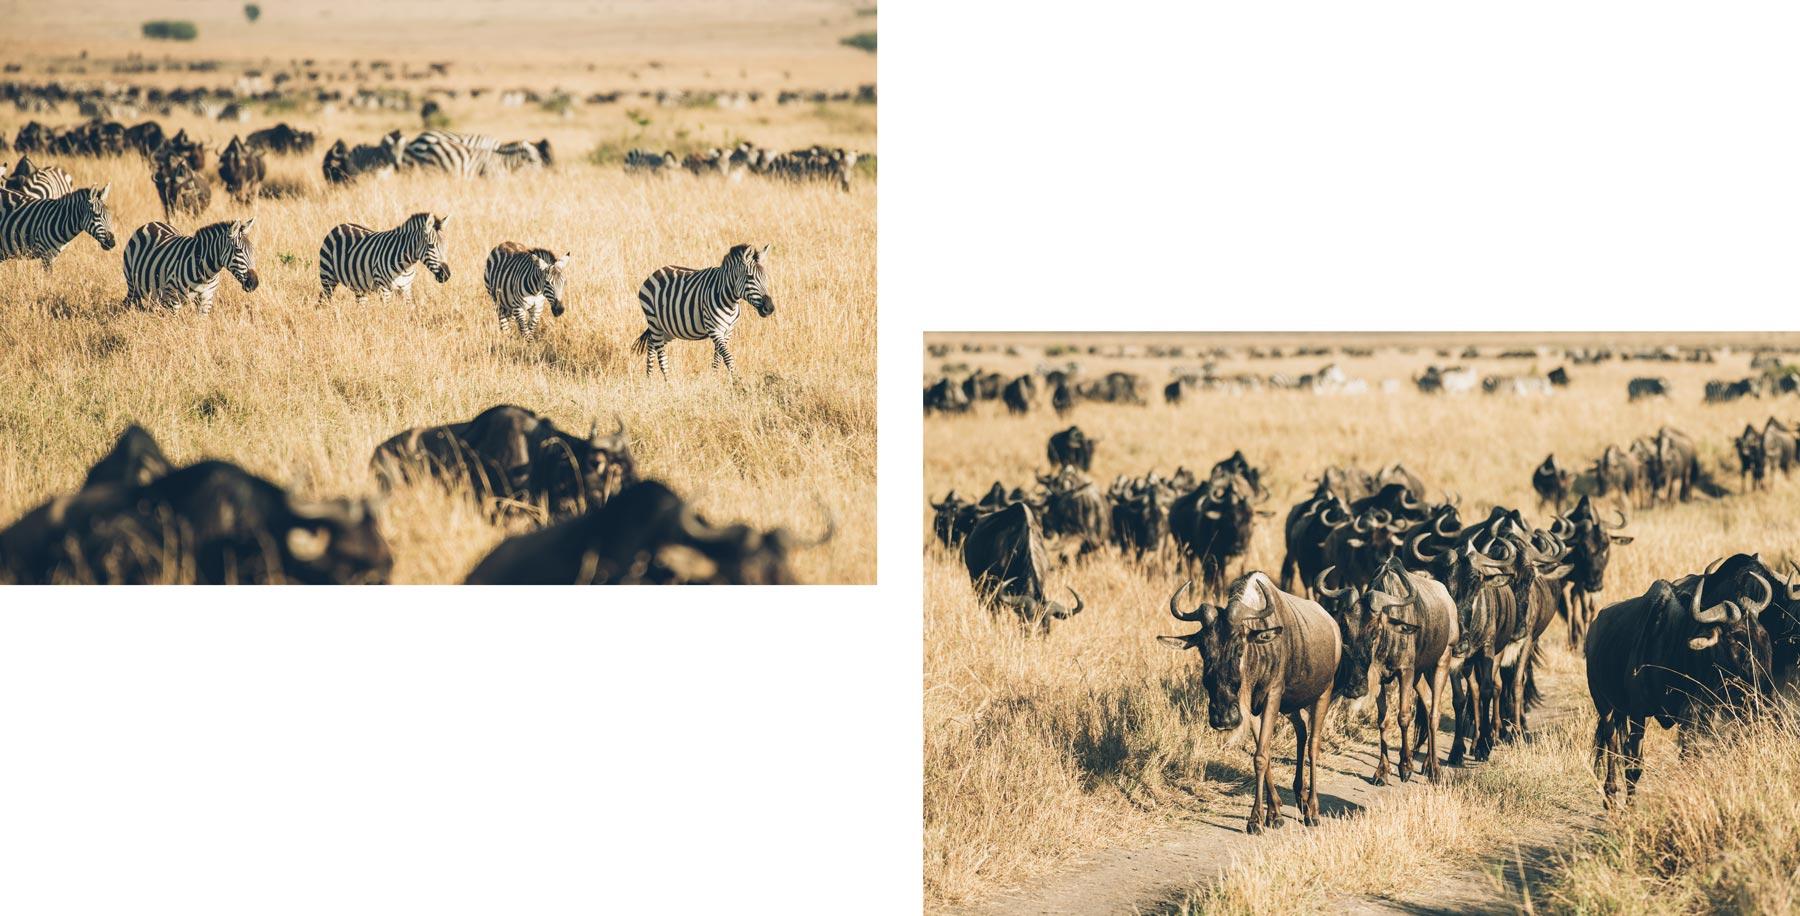 Migration des zèbres et Gnous au Kenya à Masai Mara